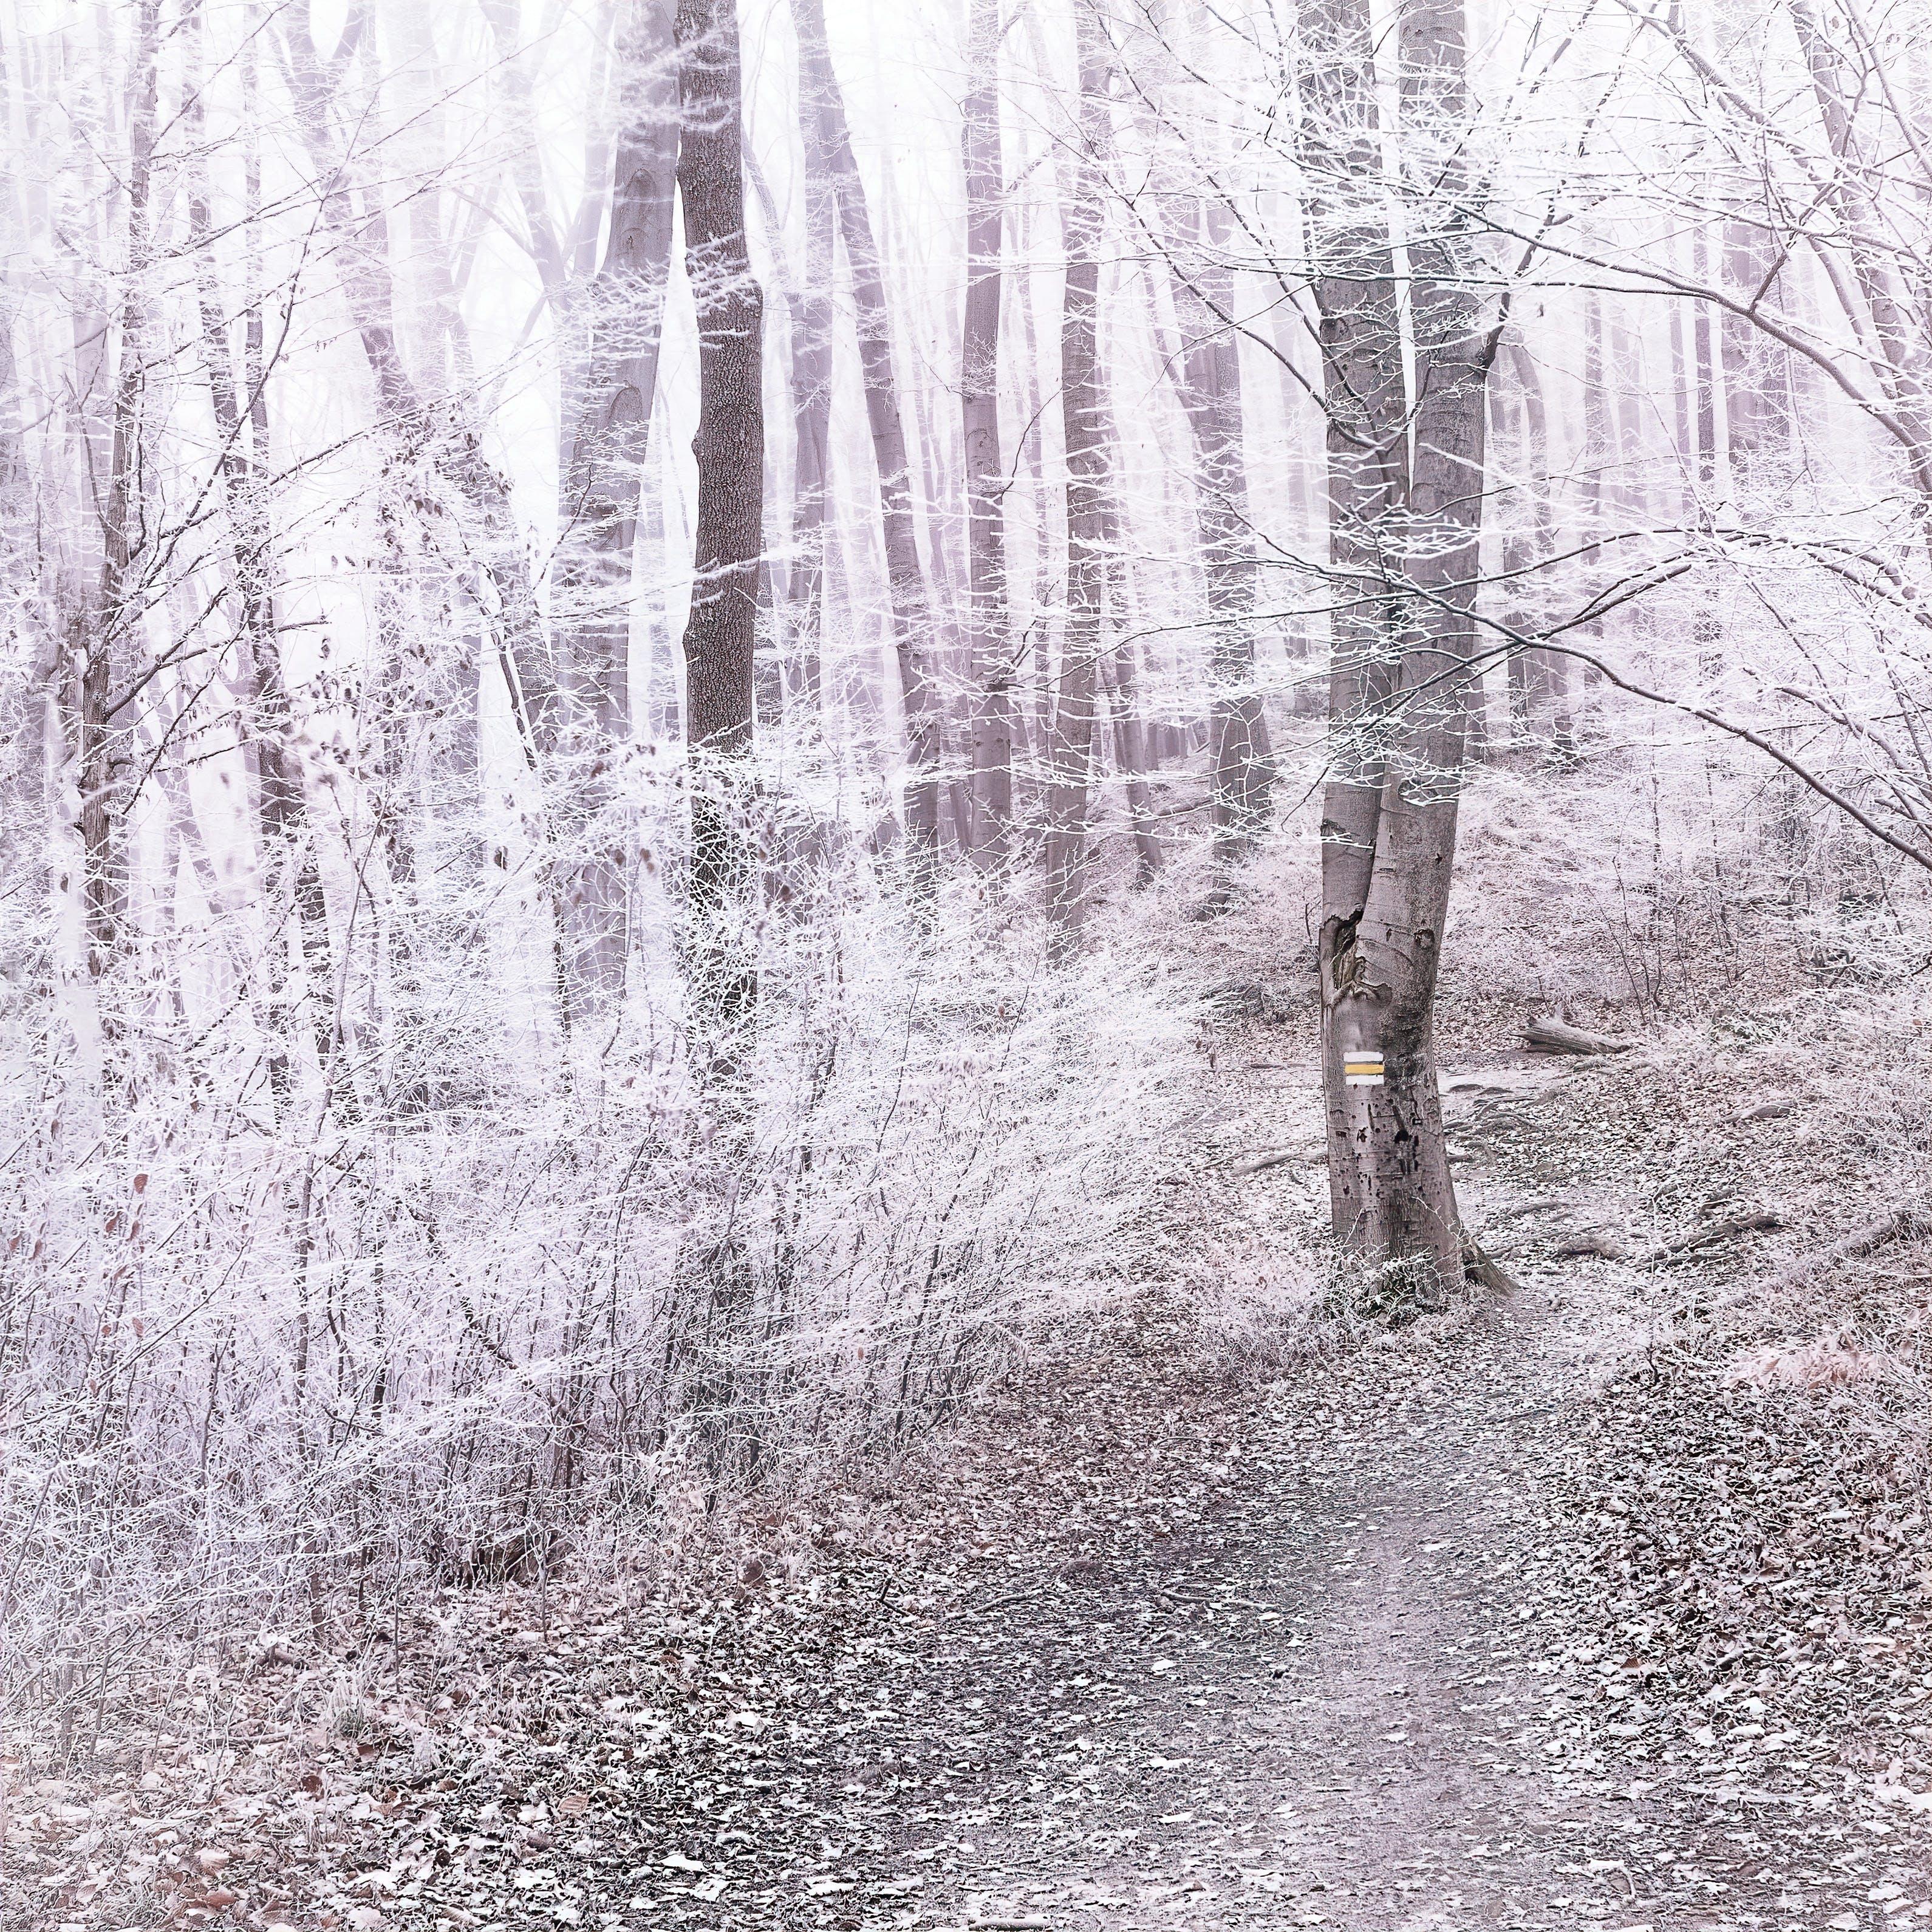 冬季, 冷, 冷冰的, 原本 的 免费素材照片